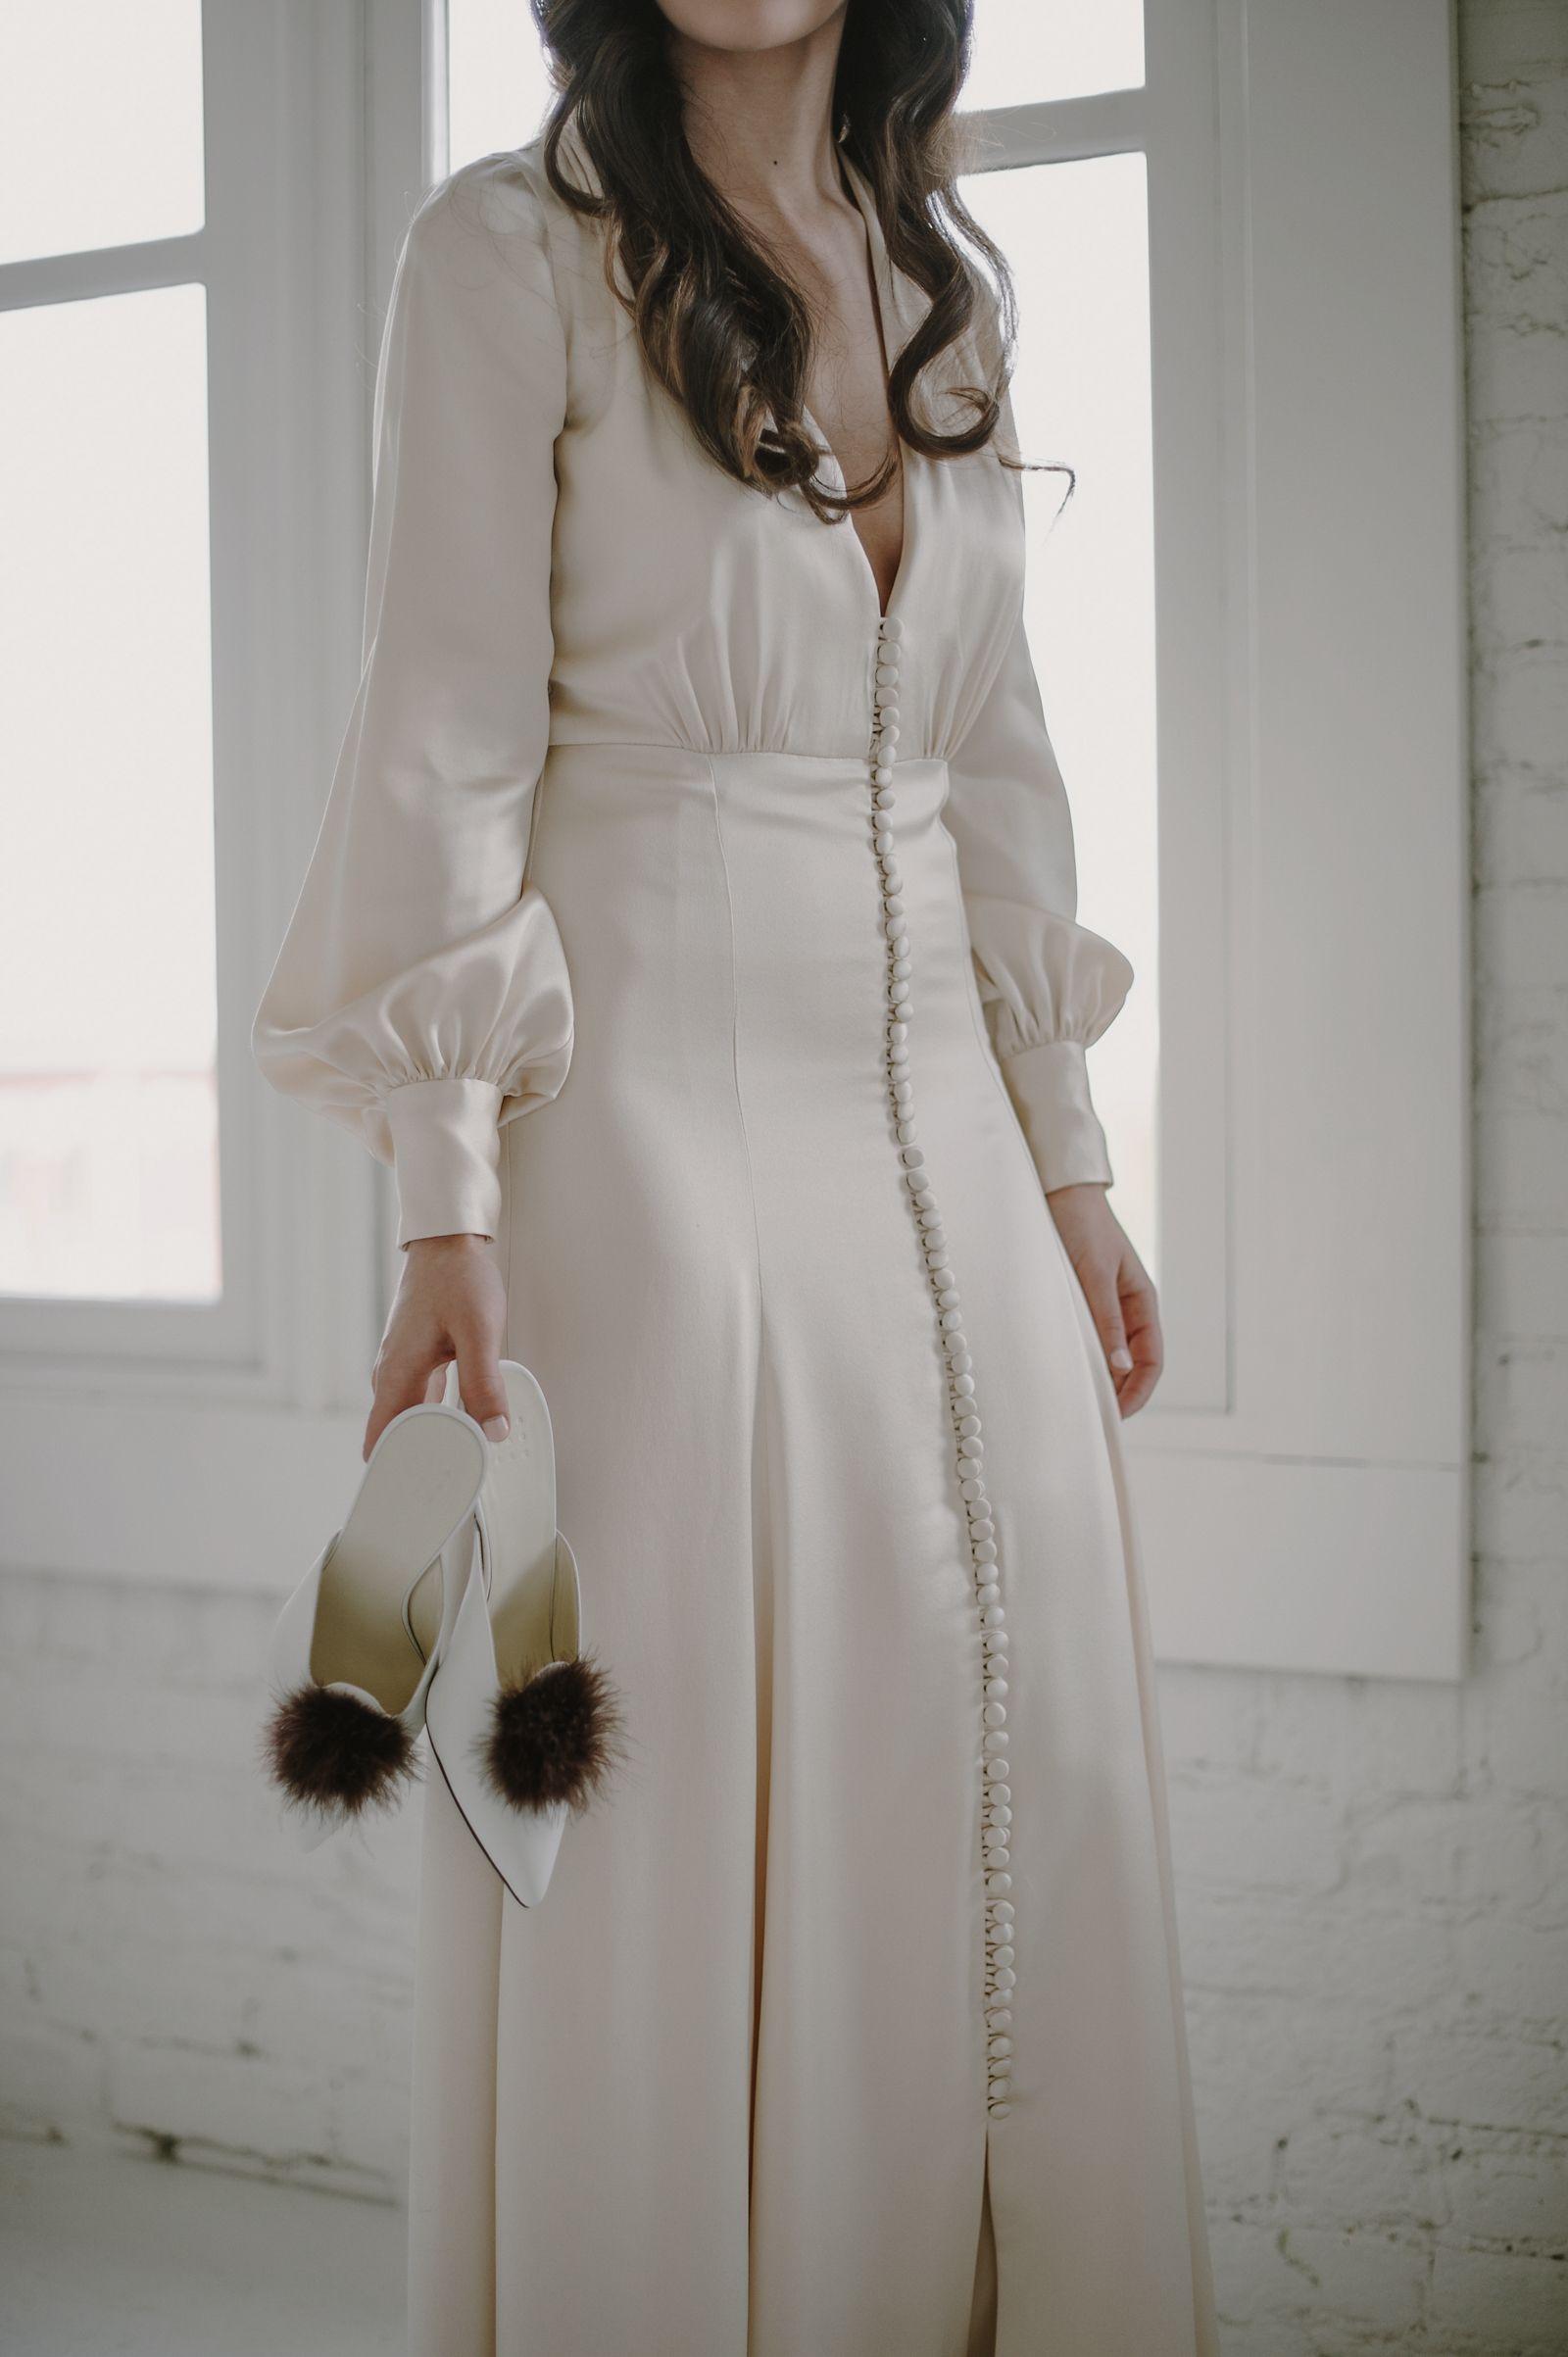 Design your own wedding dress cheap  Lana  Zach  Kristen Marie Parker Photography  Pinterest